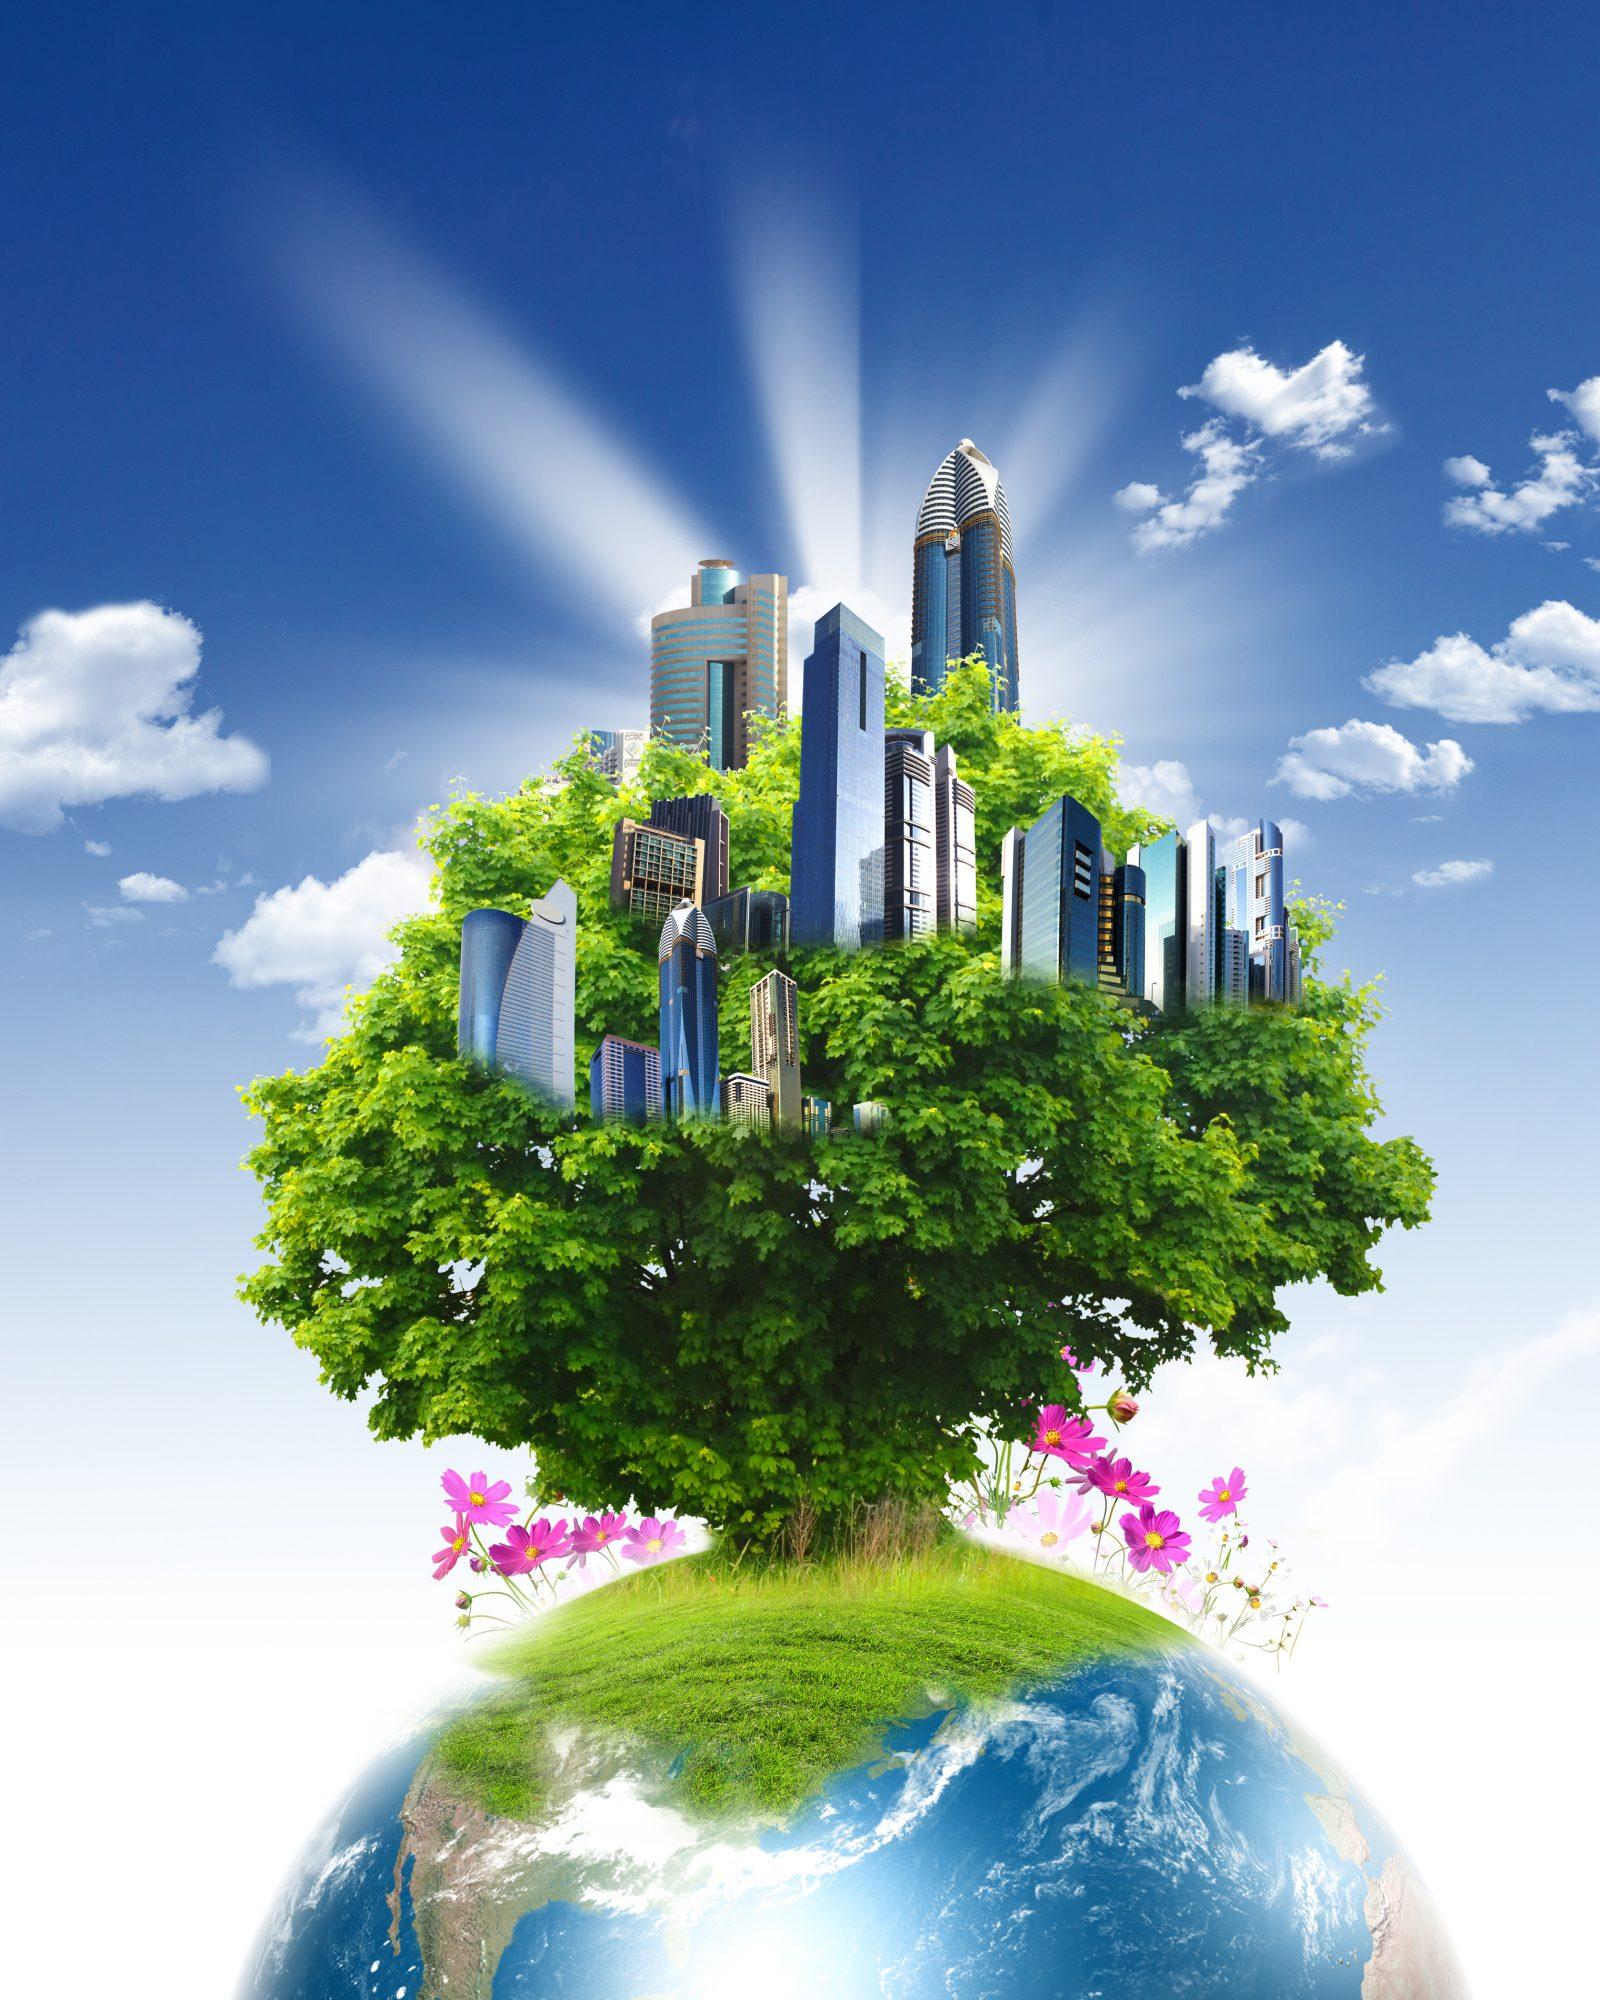 marketing oder umweltschutz: welche rolle spielt das